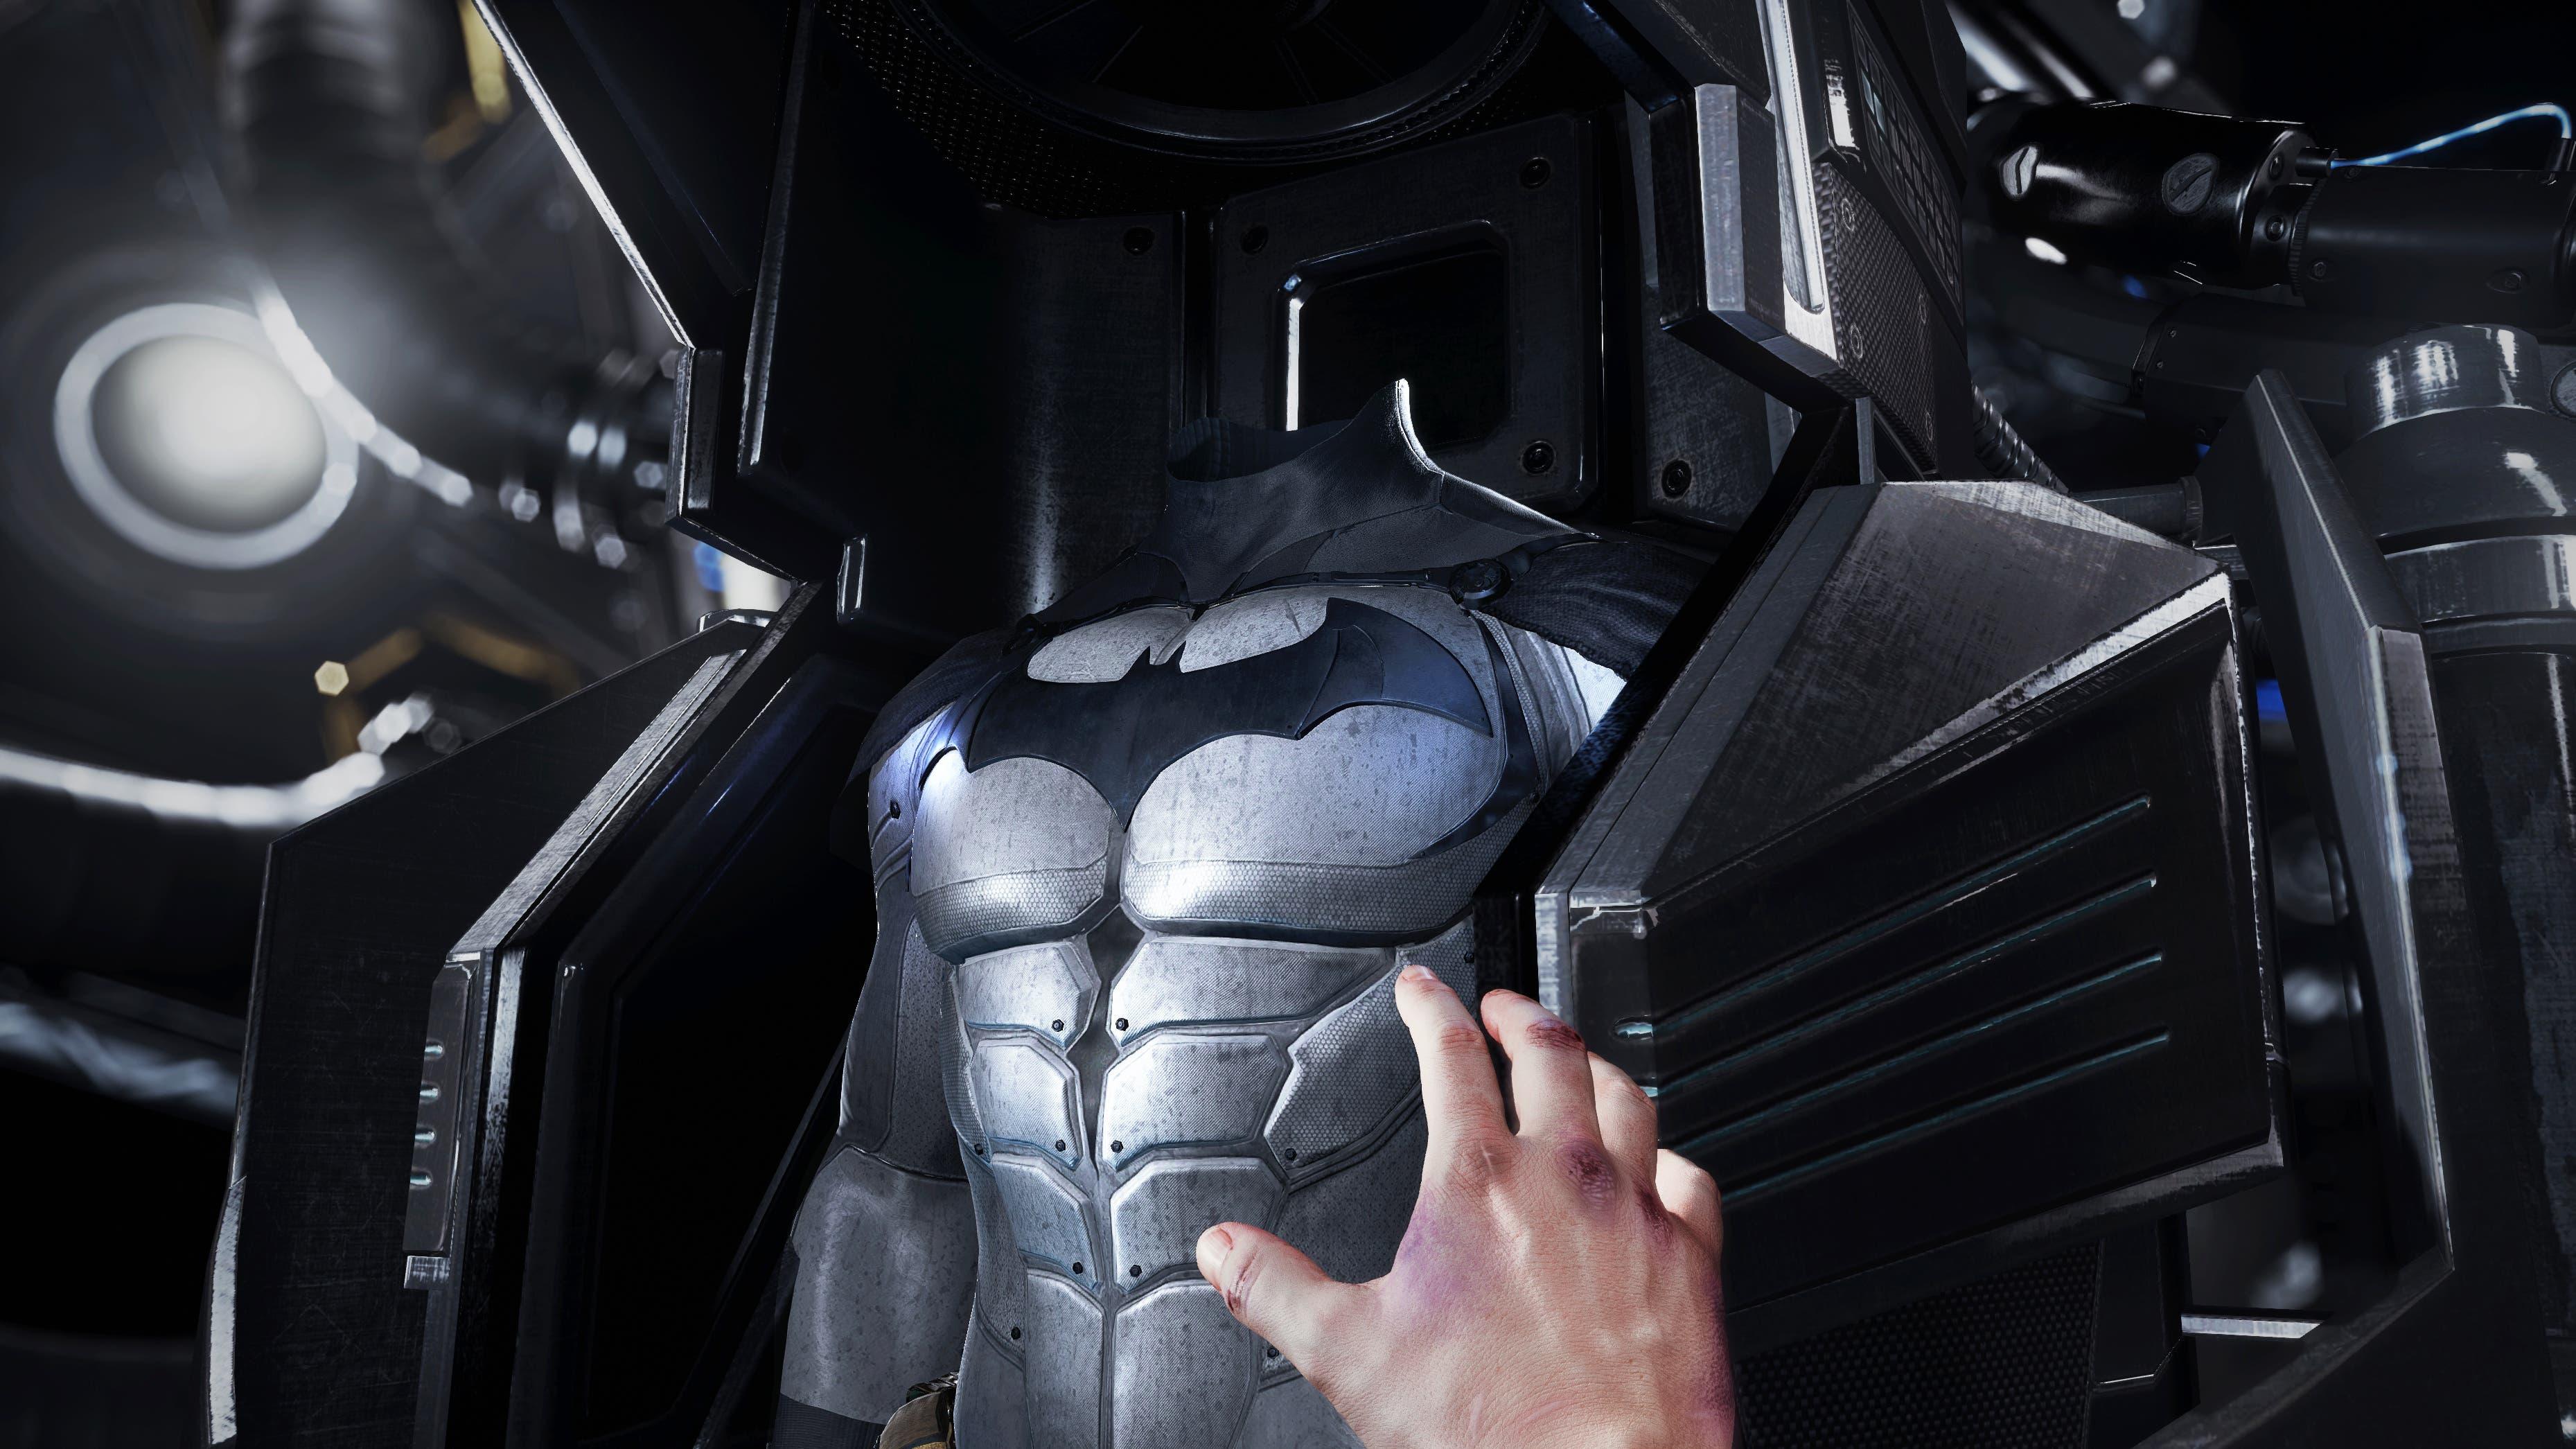 batman_arkham_vr_taking_the_suit_1475223958